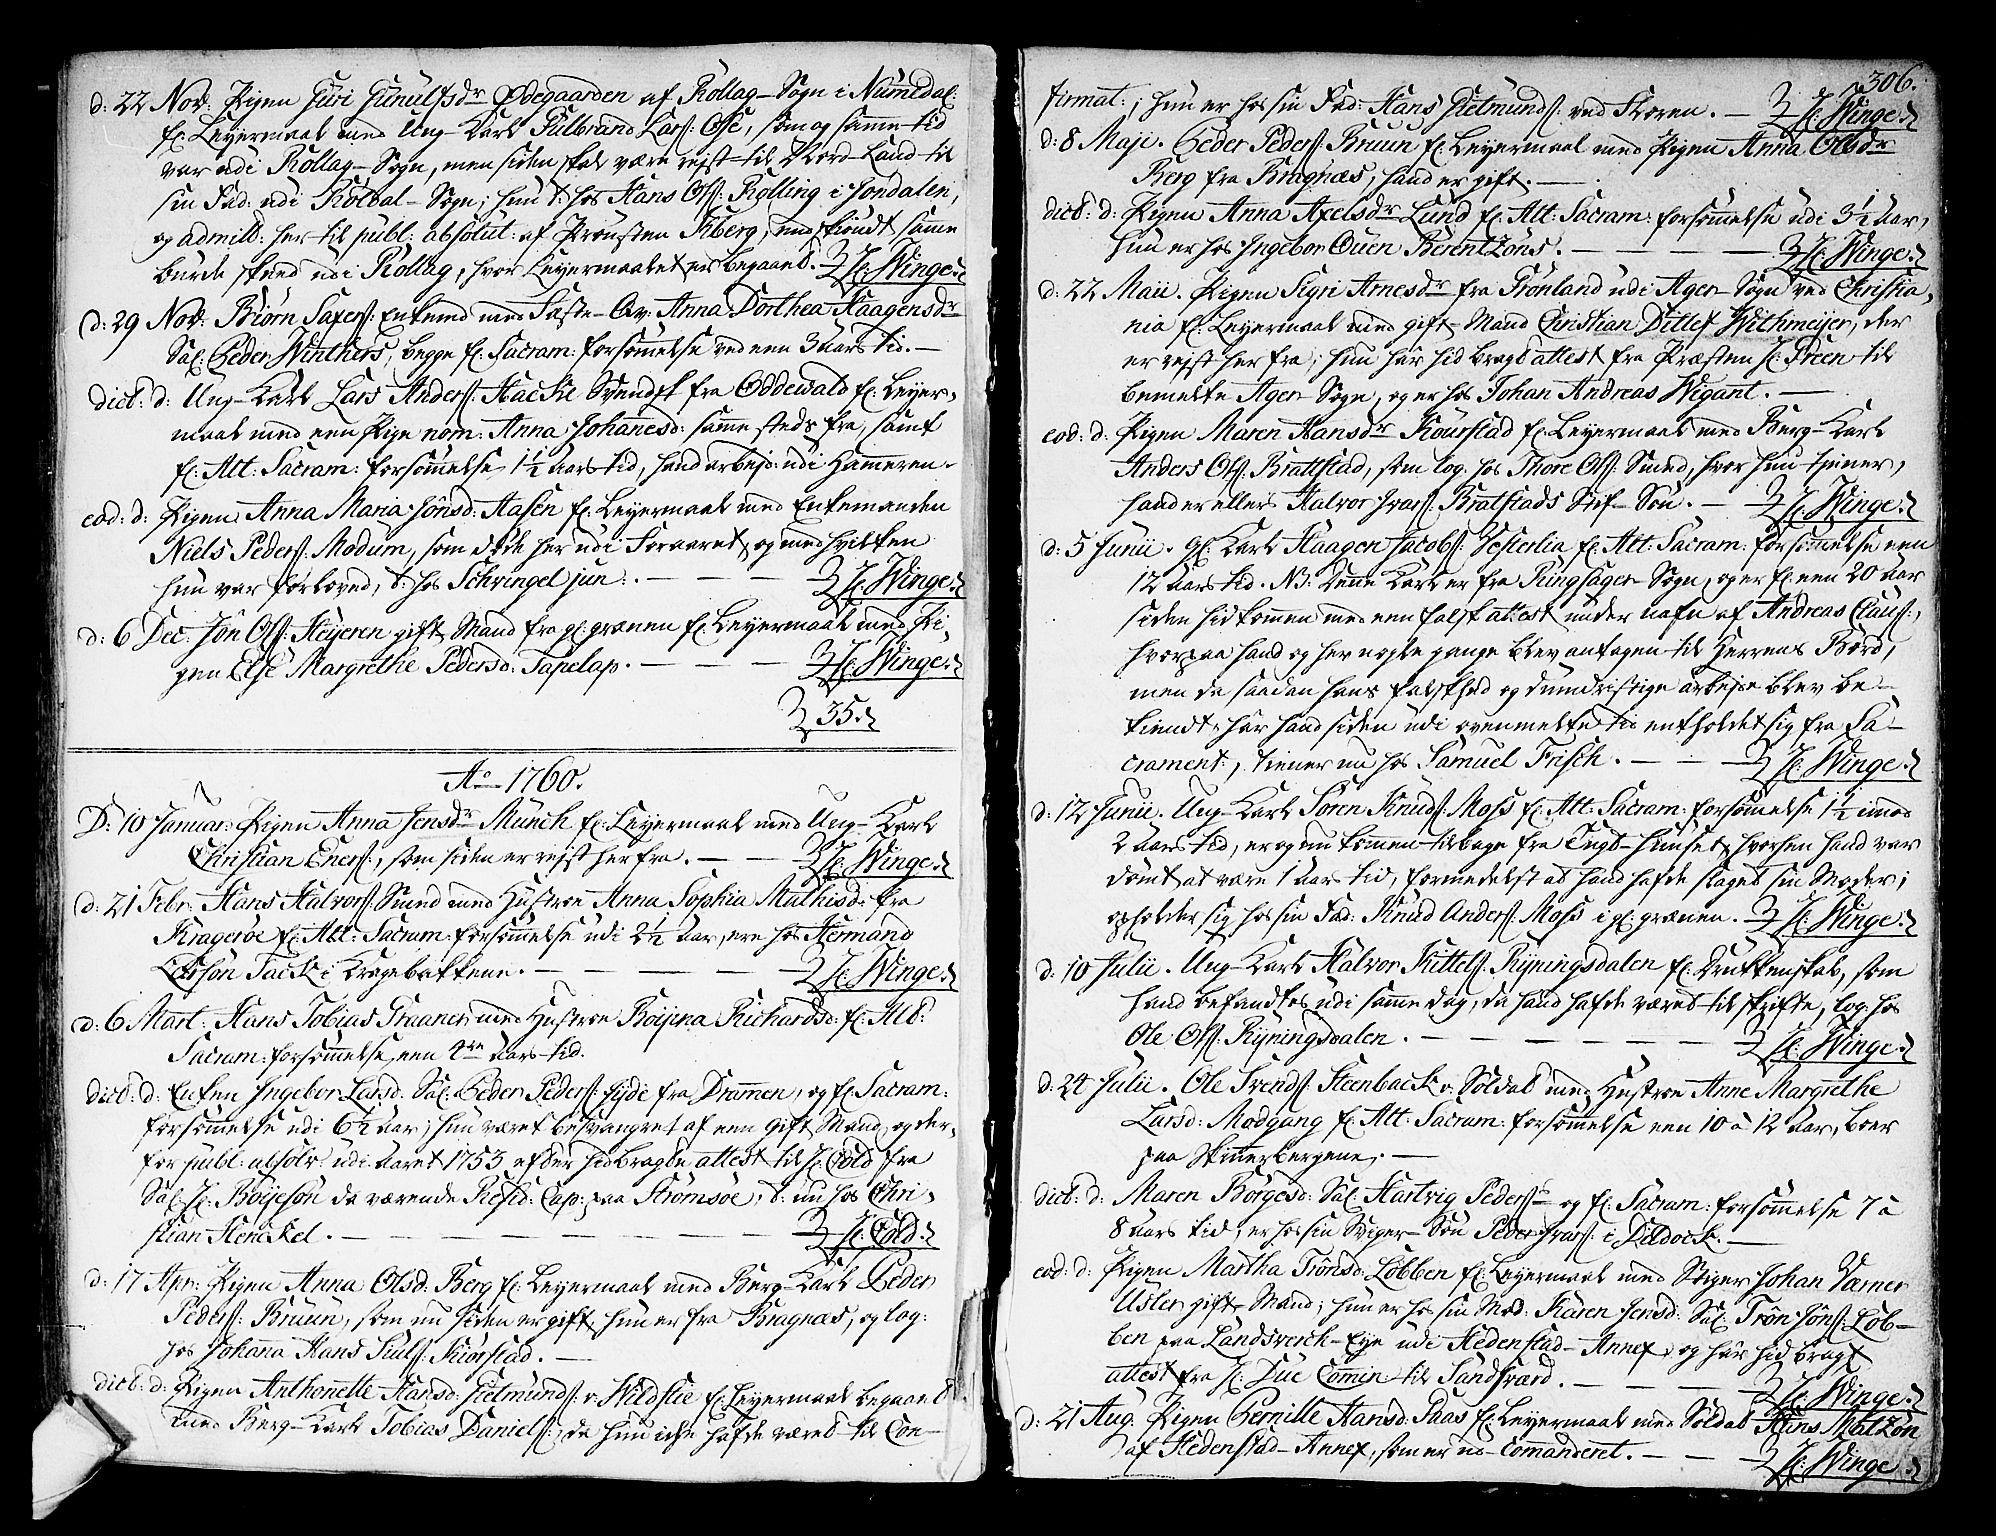 SAKO, Kongsberg kirkebøker, F/Fa/L0004: Ministerialbok nr. I 4, 1756-1768, s. 306